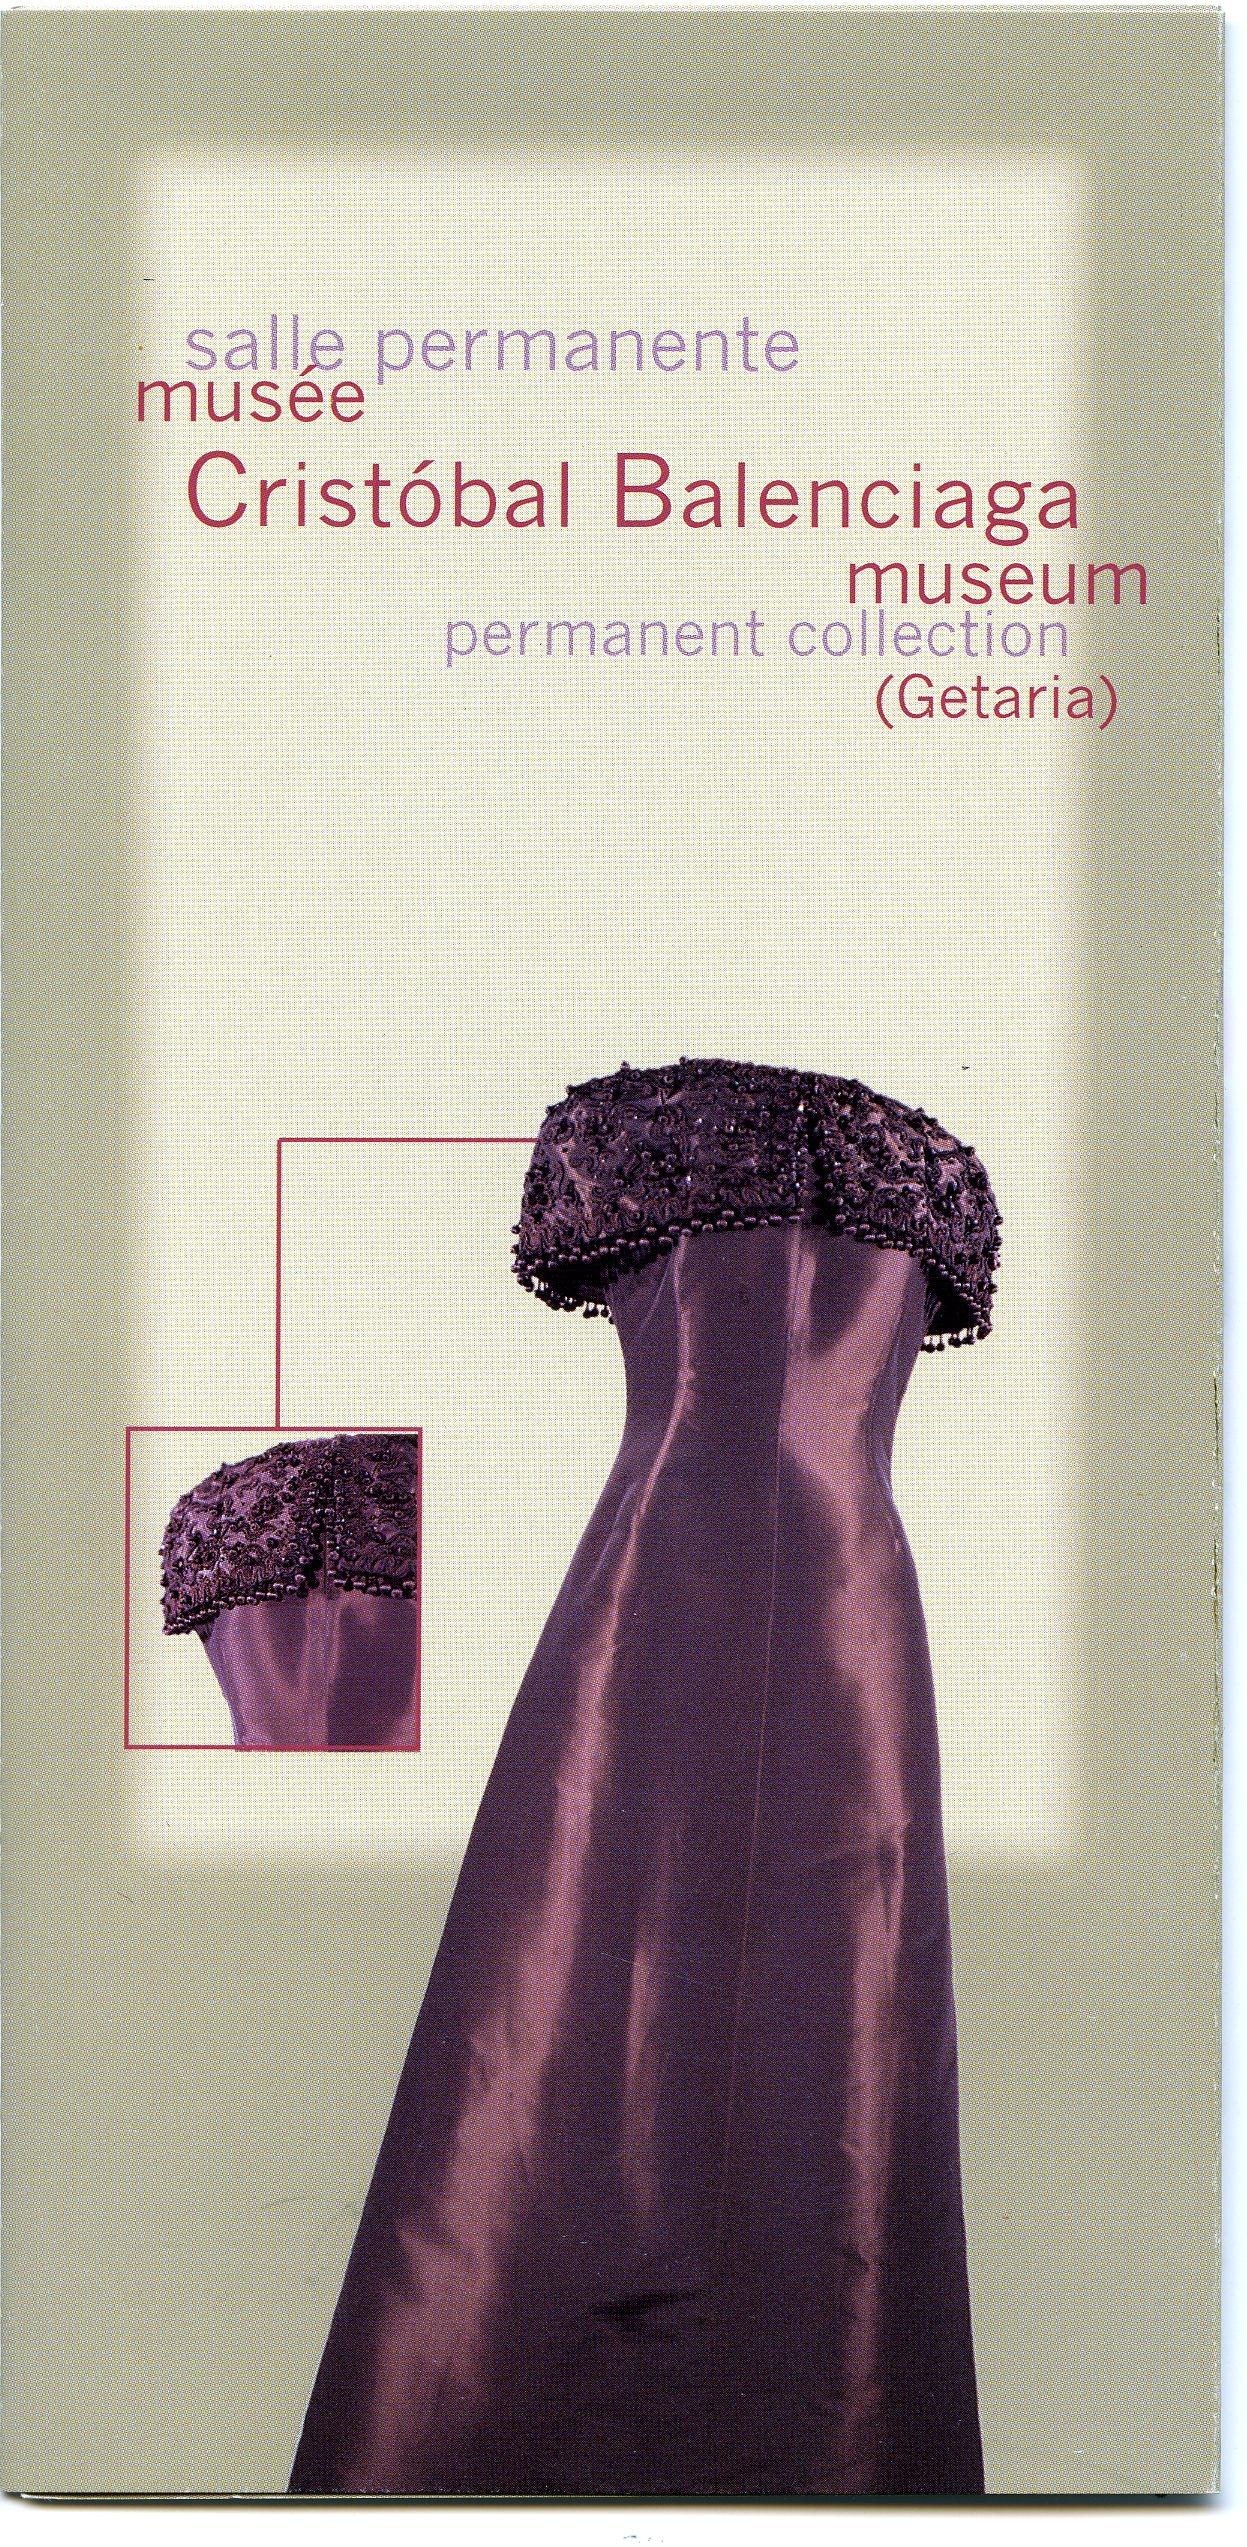 Folleto de la exposición permanente de Balenciaga en Getaria en frances e ingles.